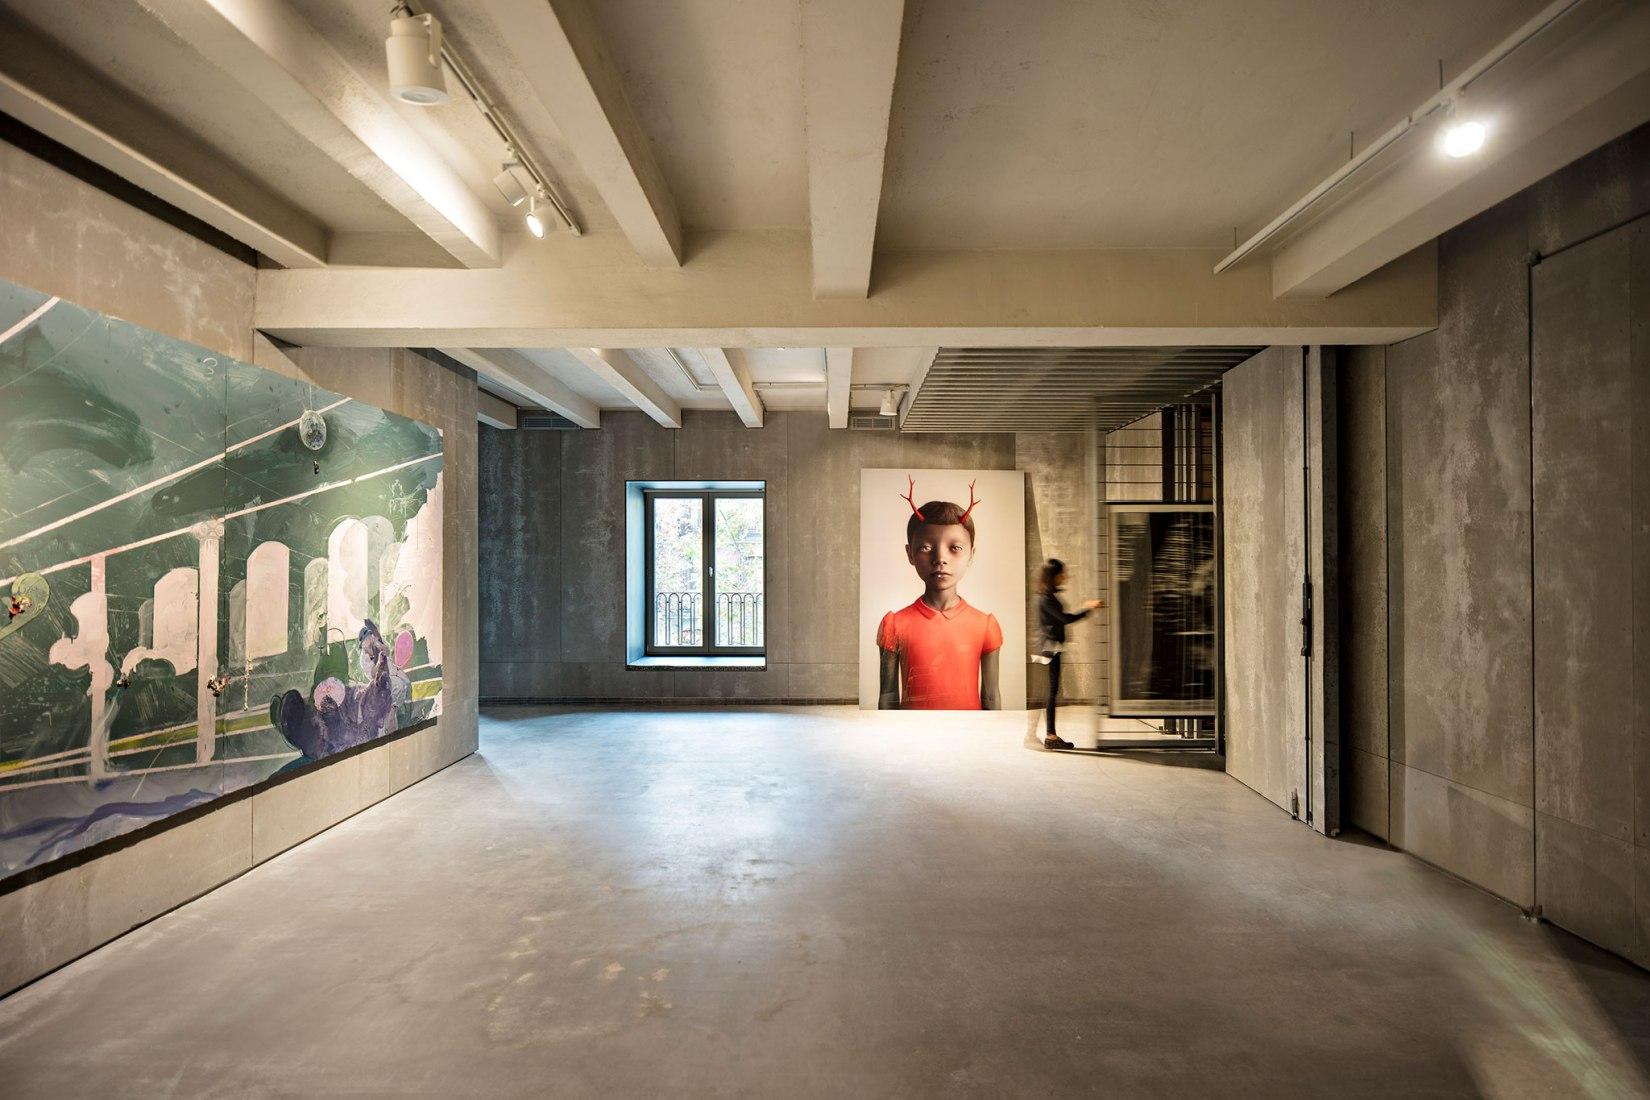 Indoors view. SOLO Space by estudio Herreros. Photograph © Javier Callejas